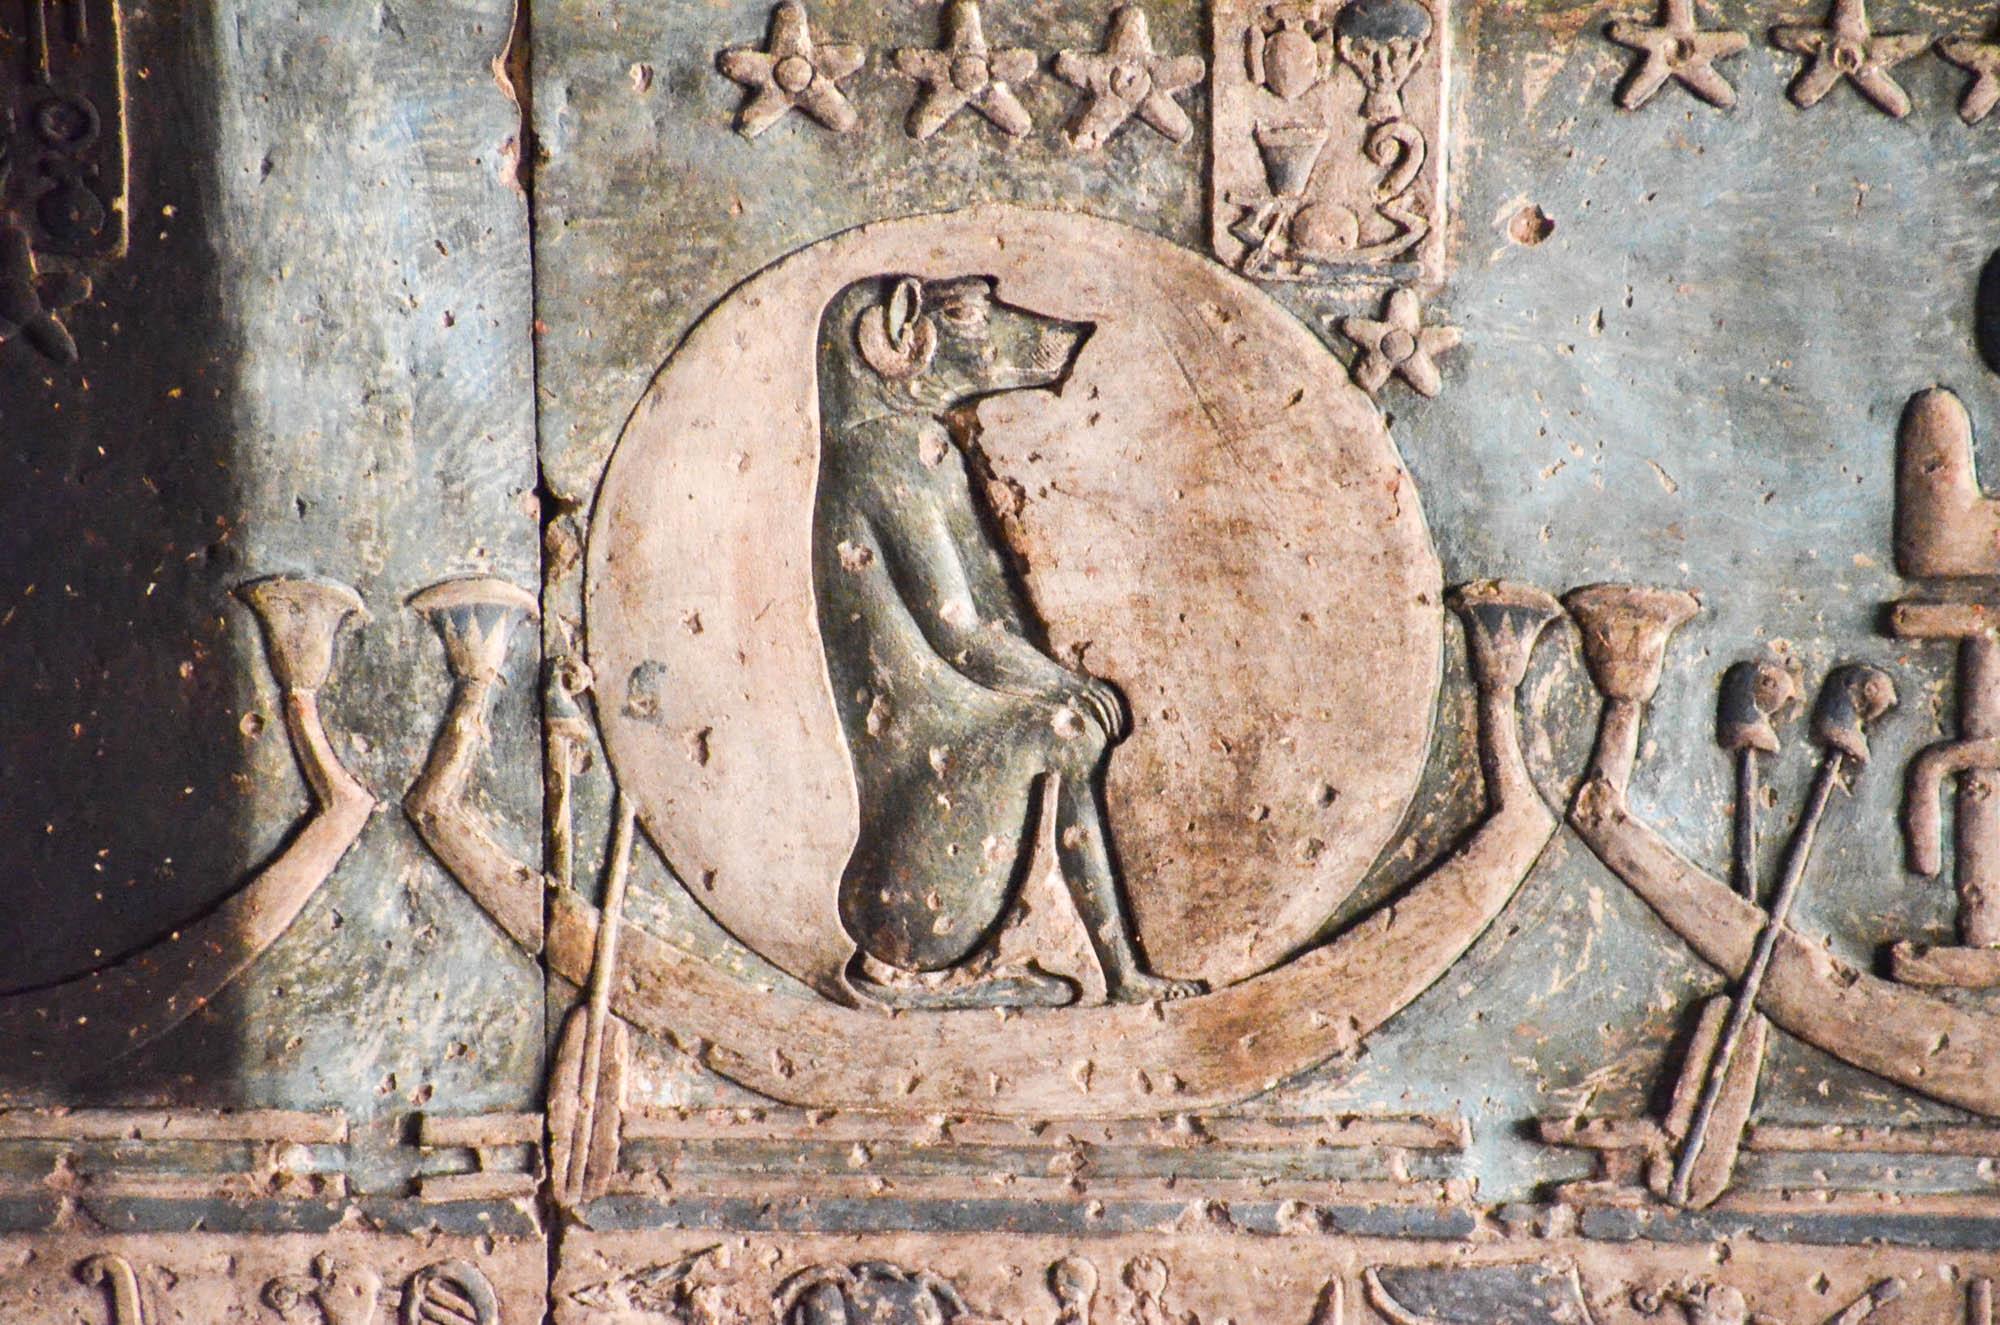 Der Mondgott Thot, zuständig für Weisheit, der Magie, der Wissenschaft und das Schreiben, wird oft als Pavian dargestellt. Hier, in einem Deckenrelief in Dendera, reist er in einer Barke durch den Nachthimmel. Foto: Matthieu Götz